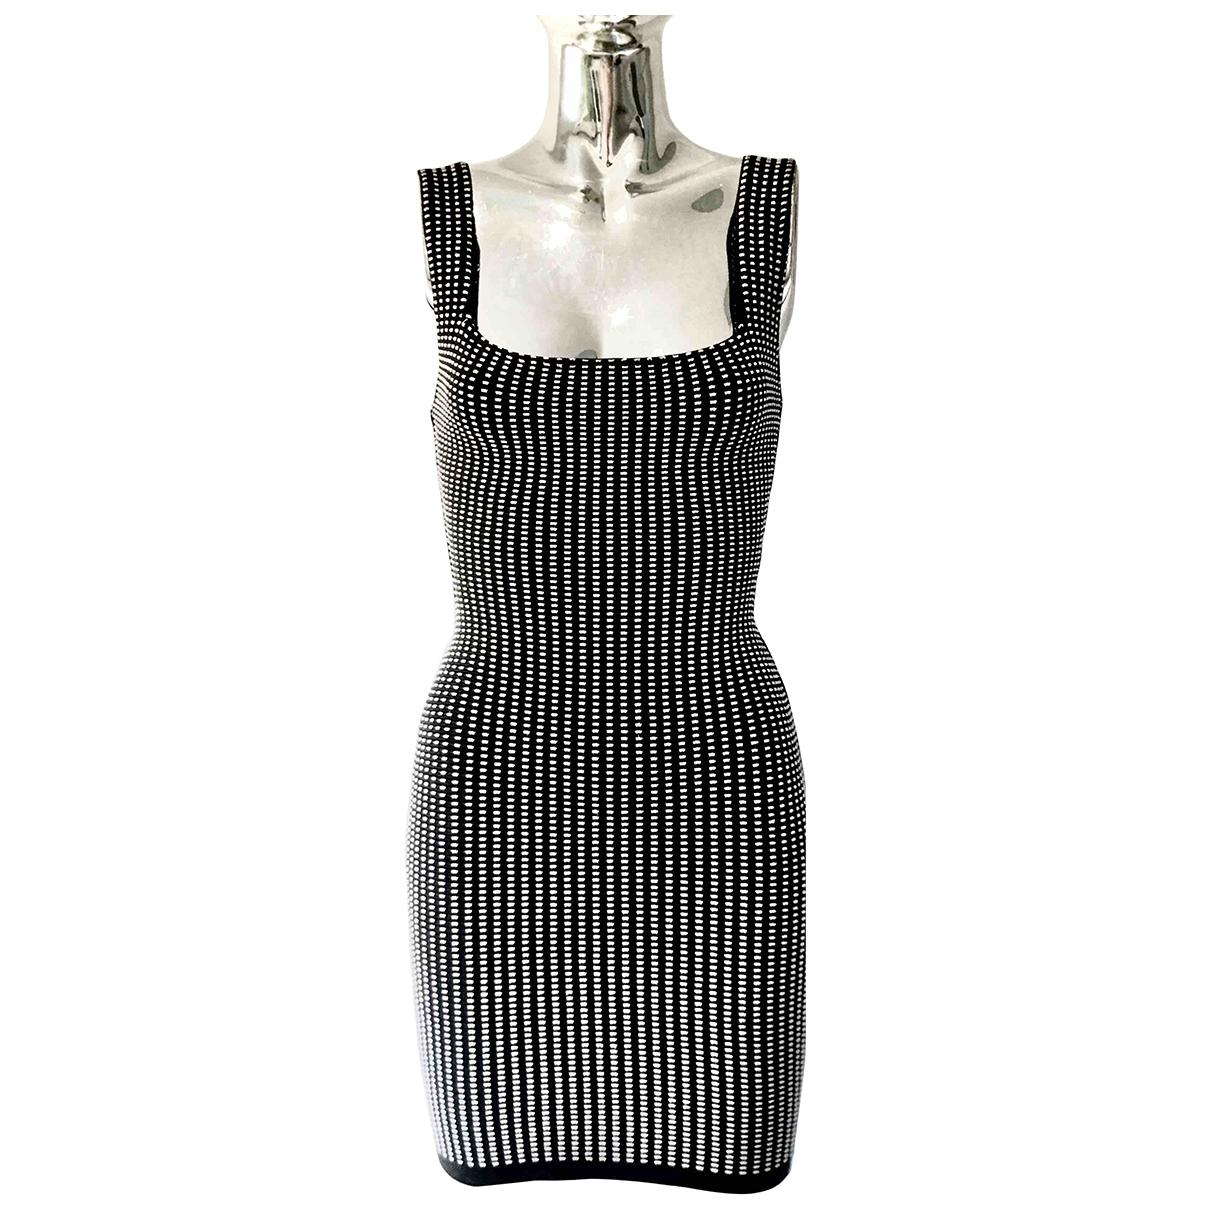 Alaia \N Kleid in  Schwarz Baumwolle - Elasthan